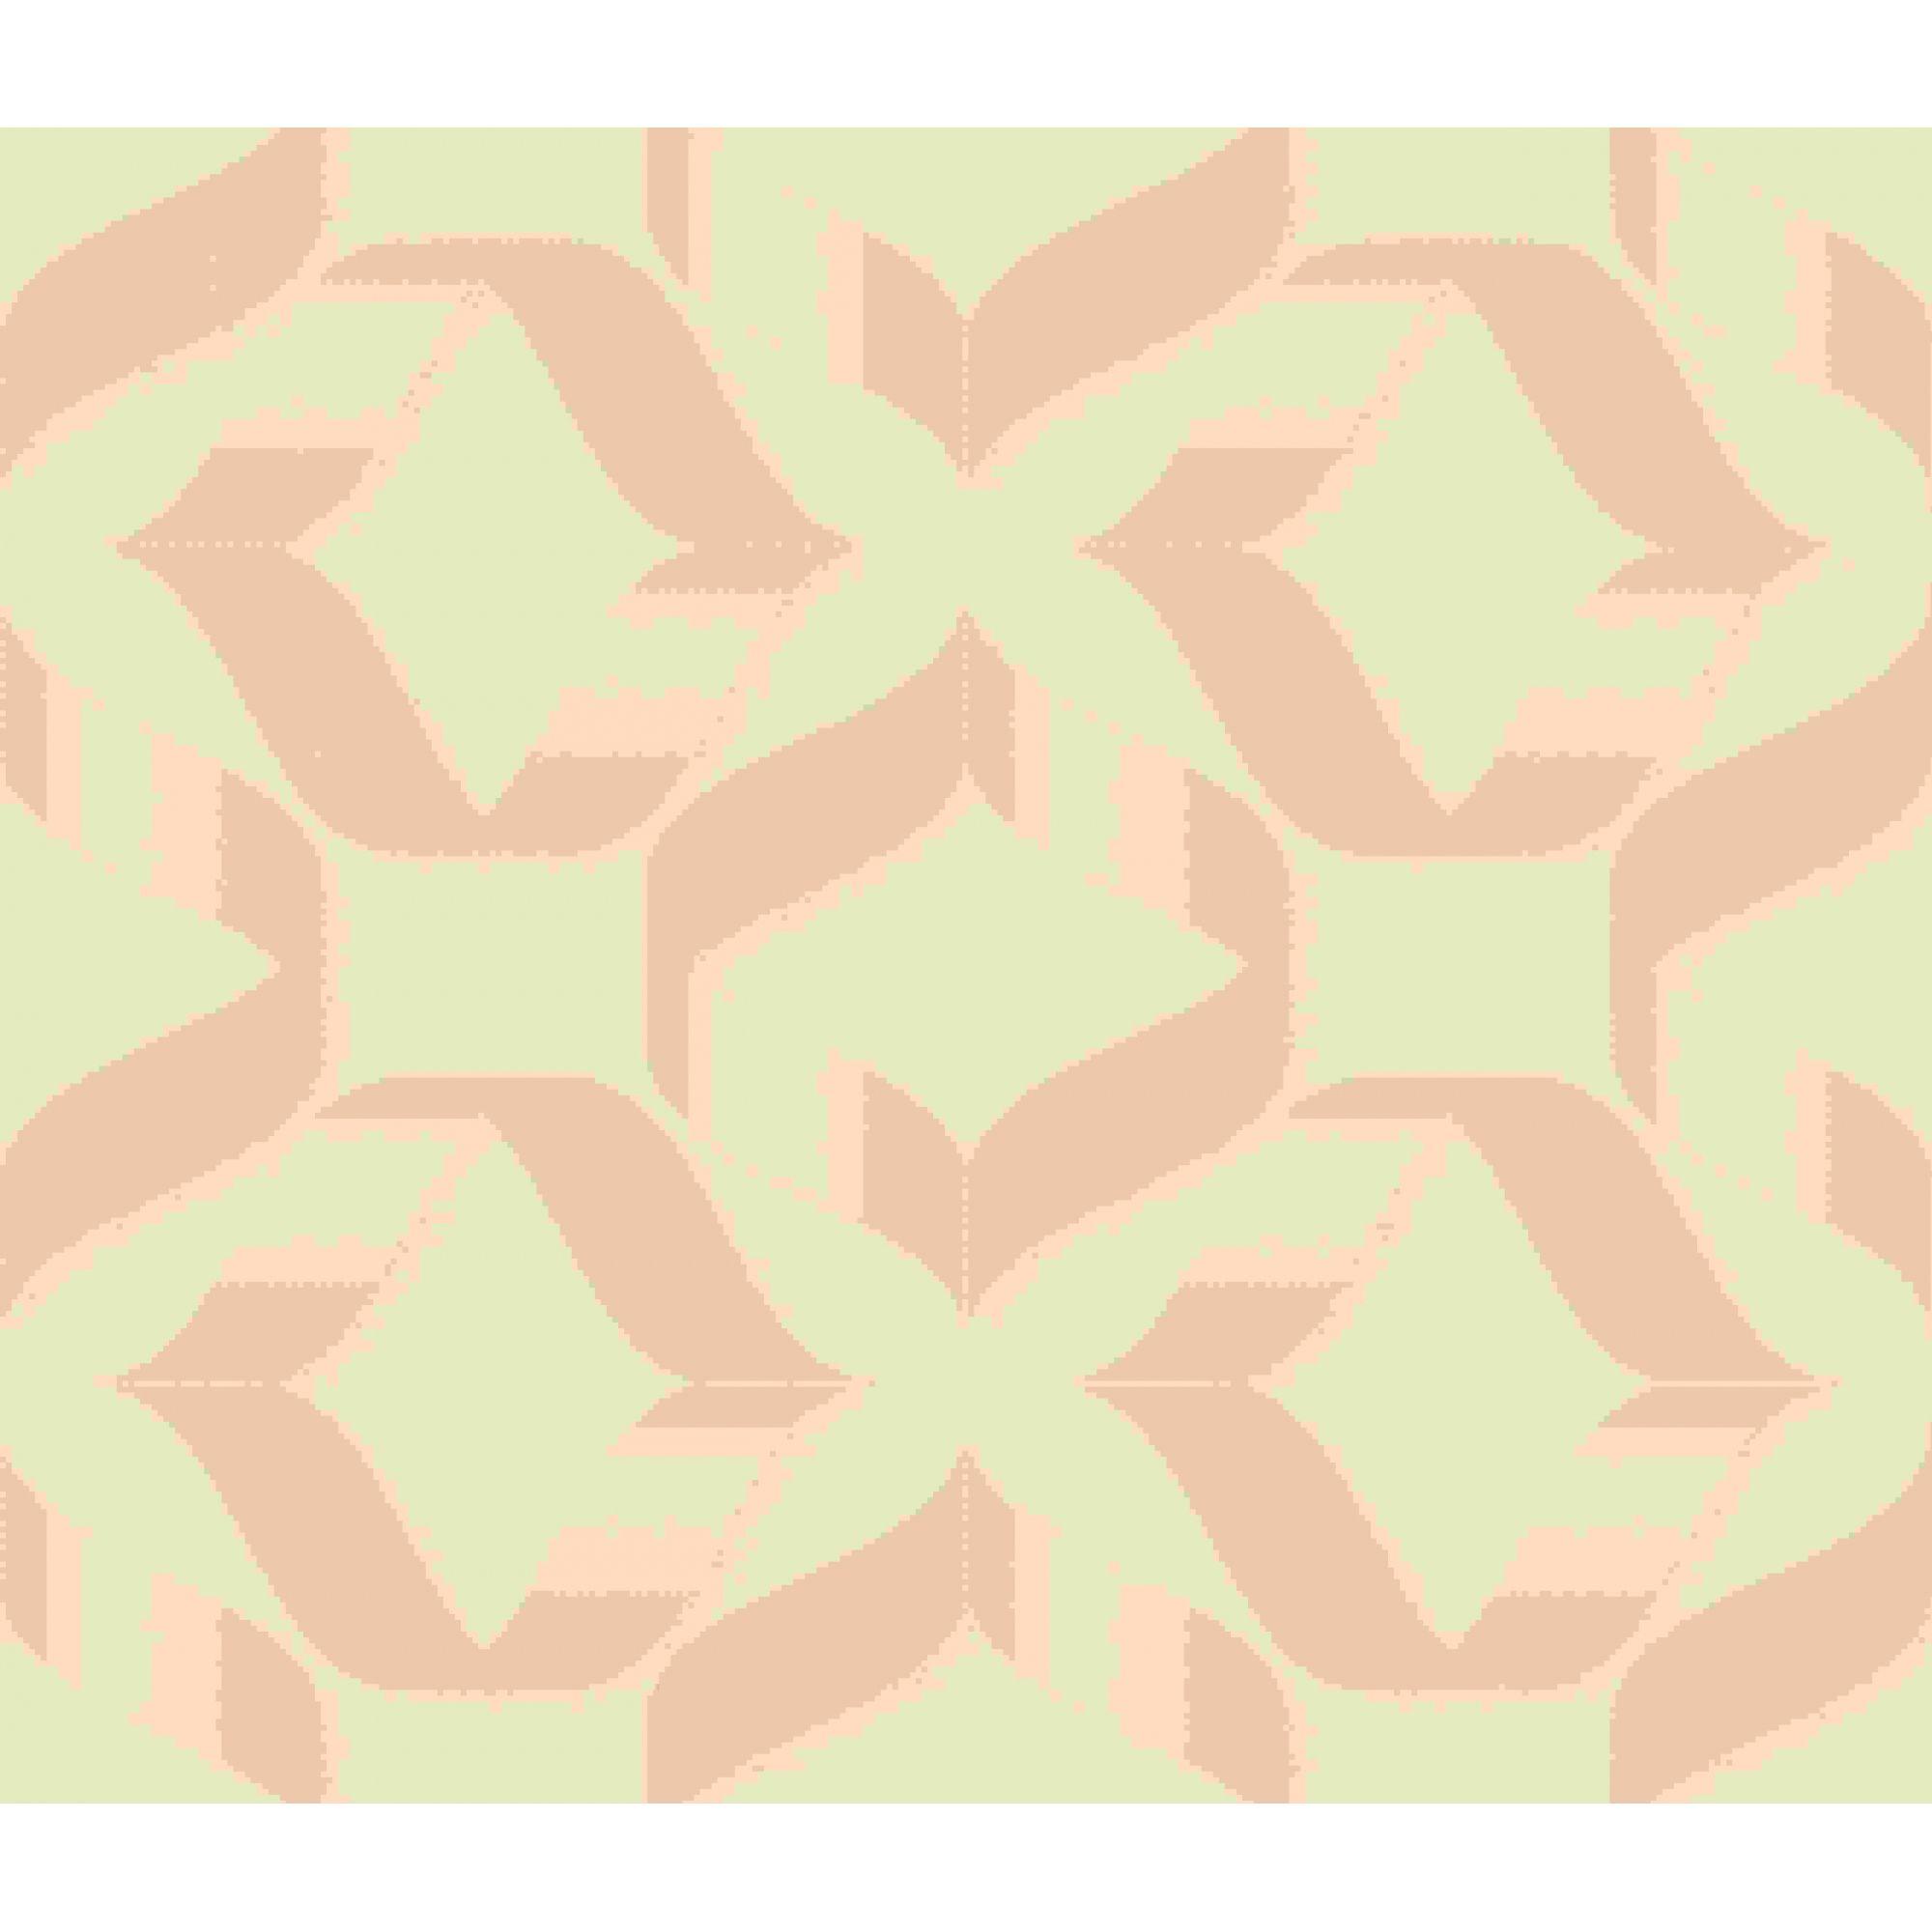 Papel de Parede Kan Tai Vinílico Coleção Neonature 5 Geométrico Formas Bege, Dourado brilho